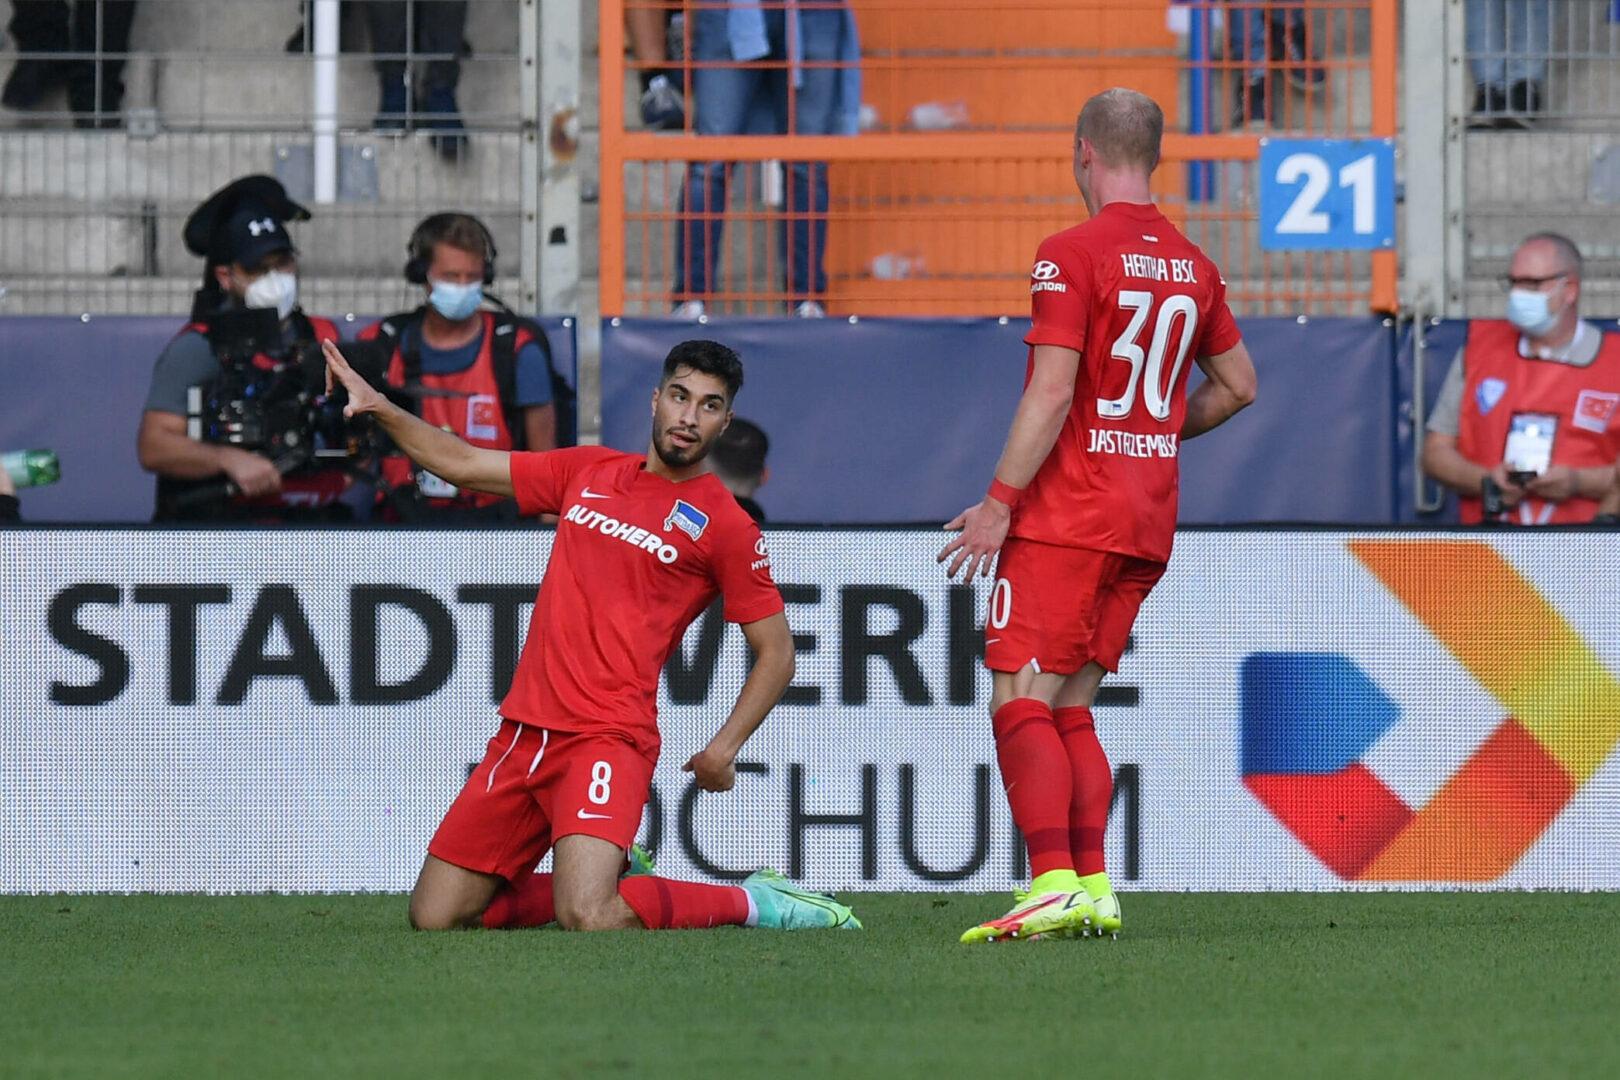 Serdar-Doppelpack: Hertha BSC mit wichtigem Sieg in Bochum